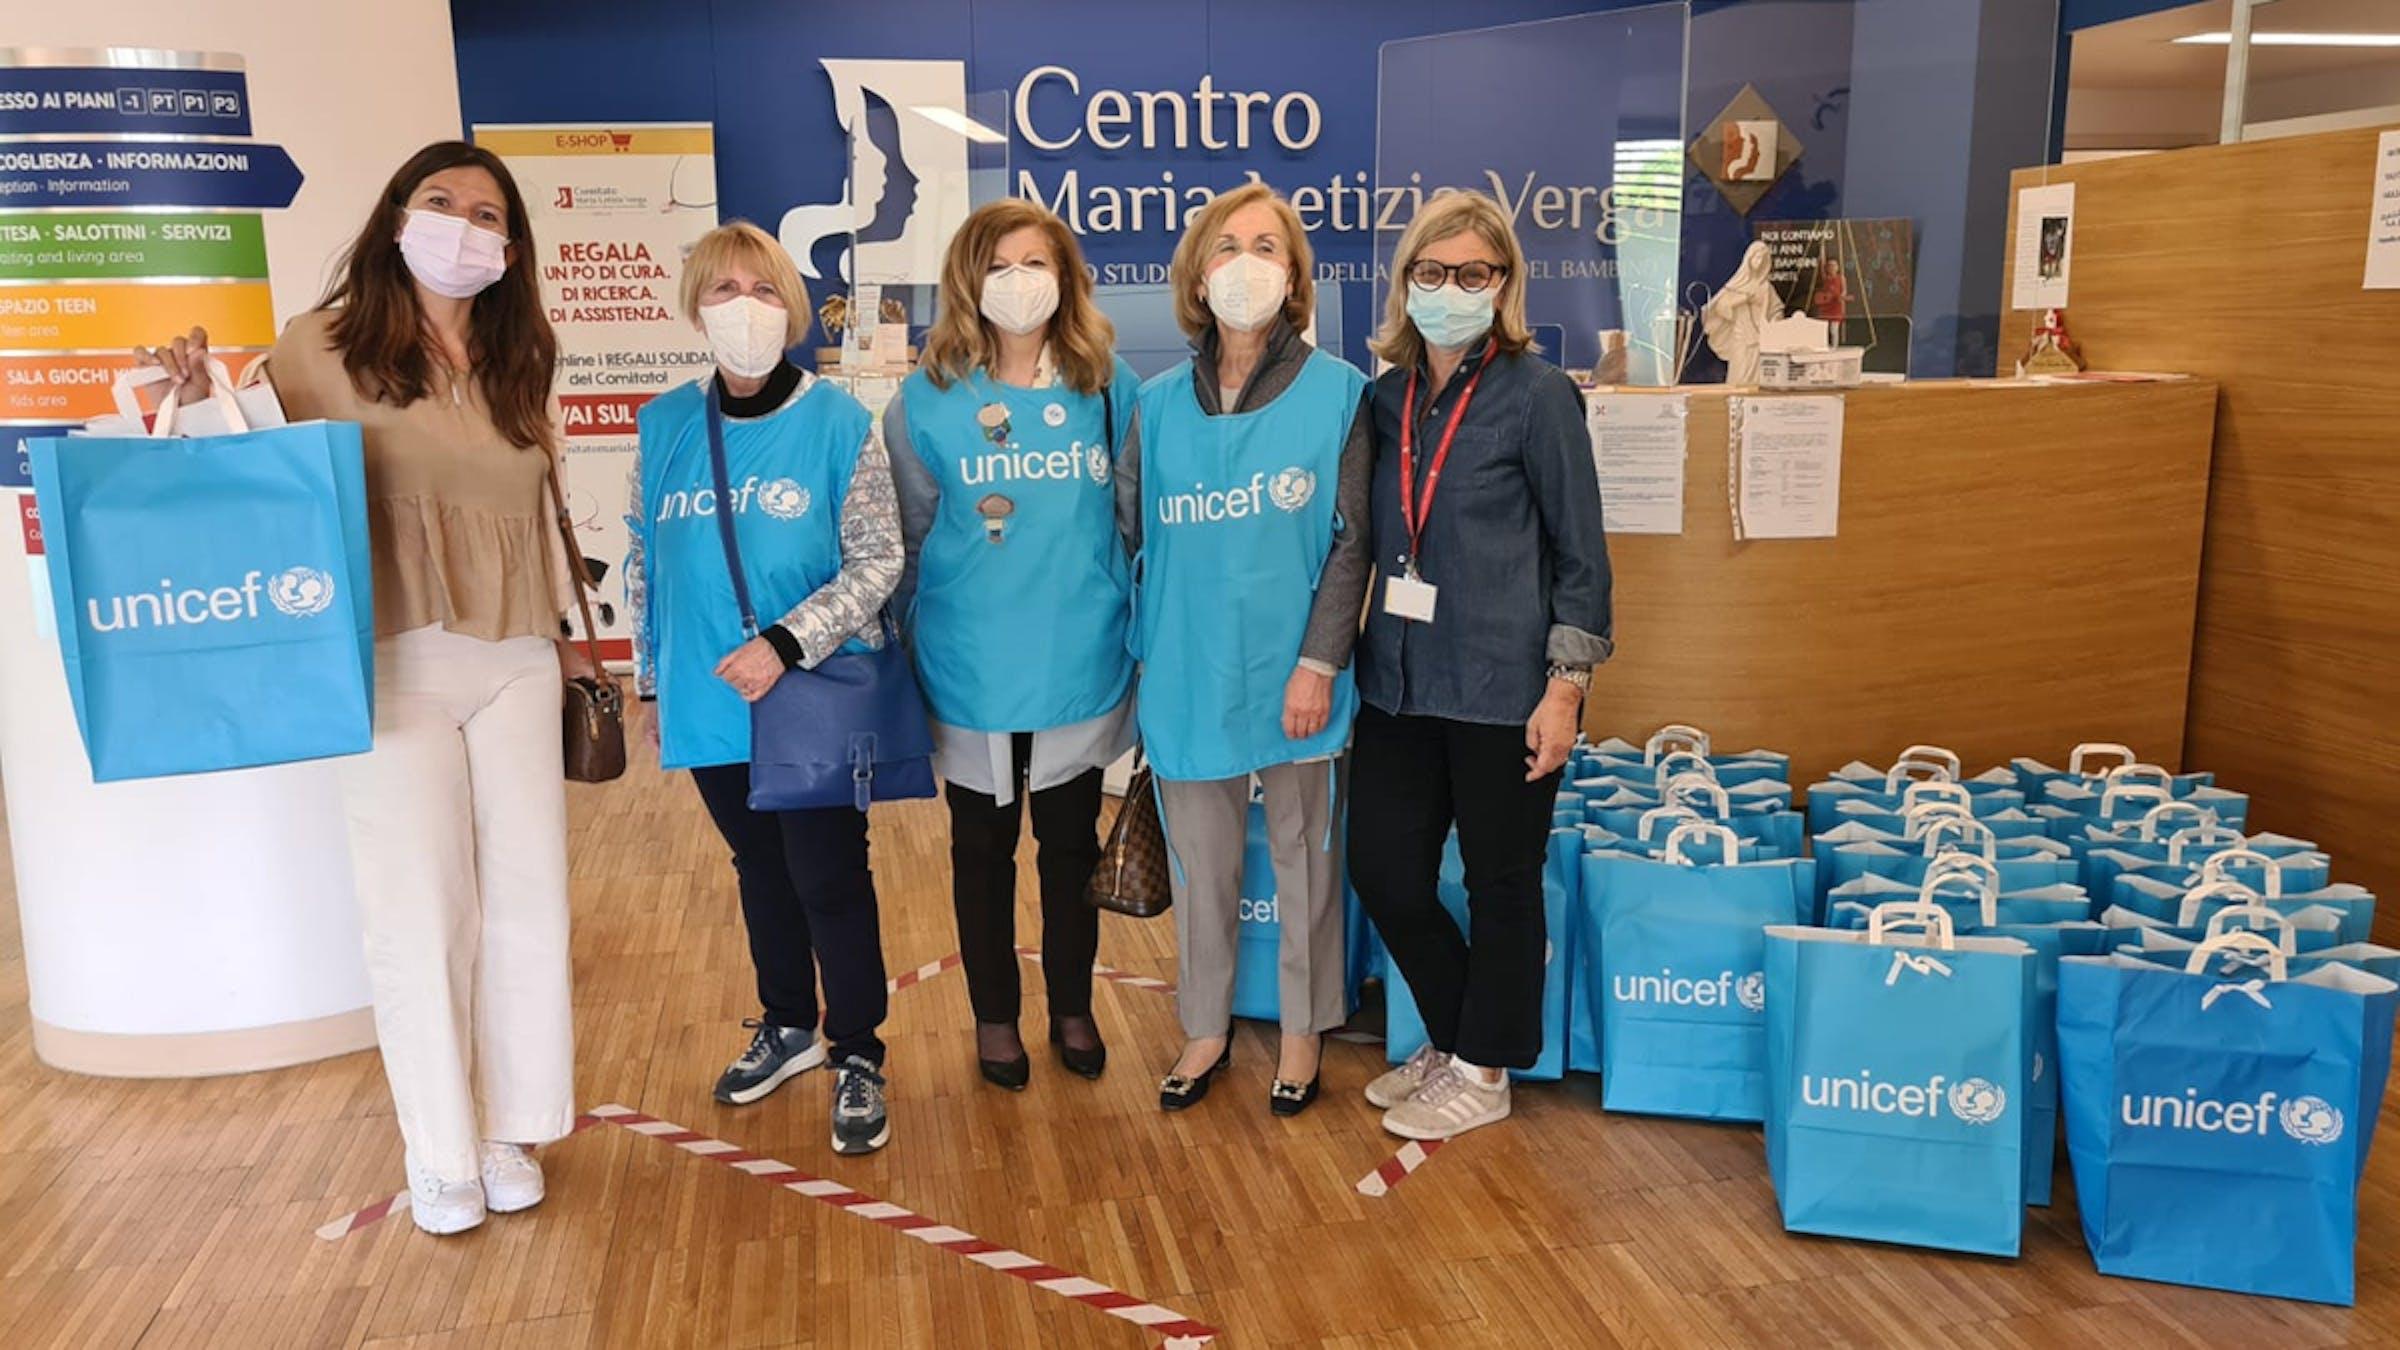 Volontarie UNICEF con il Regalo sospeso al Centro Maria Letizia Verga